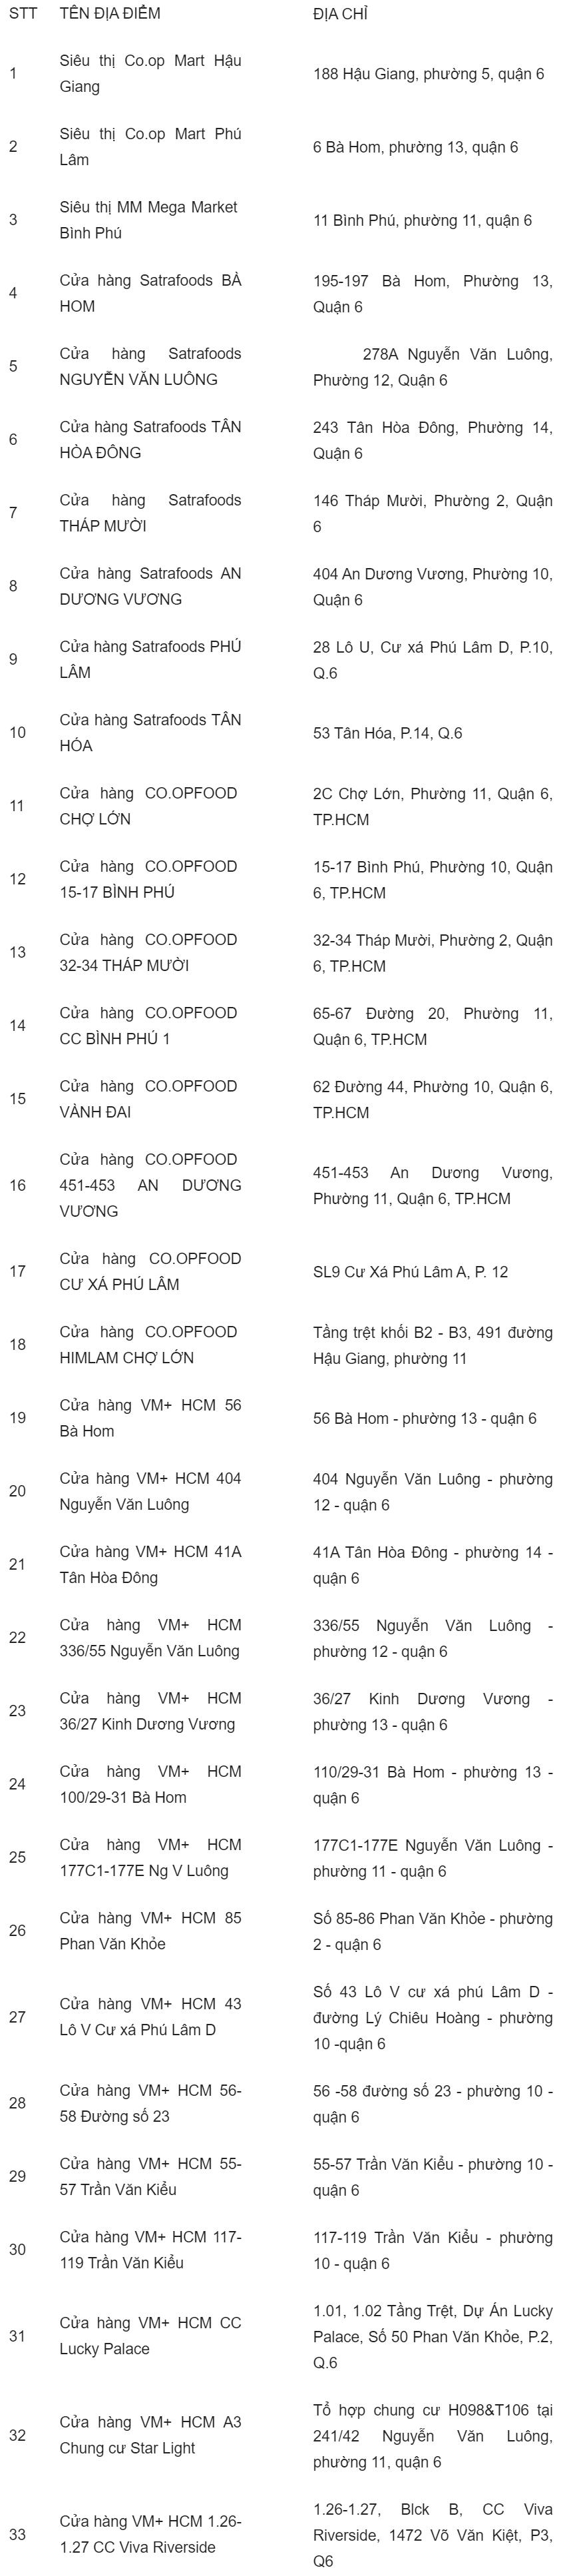 danh sách địa điểm bán khẩu trang quận 6